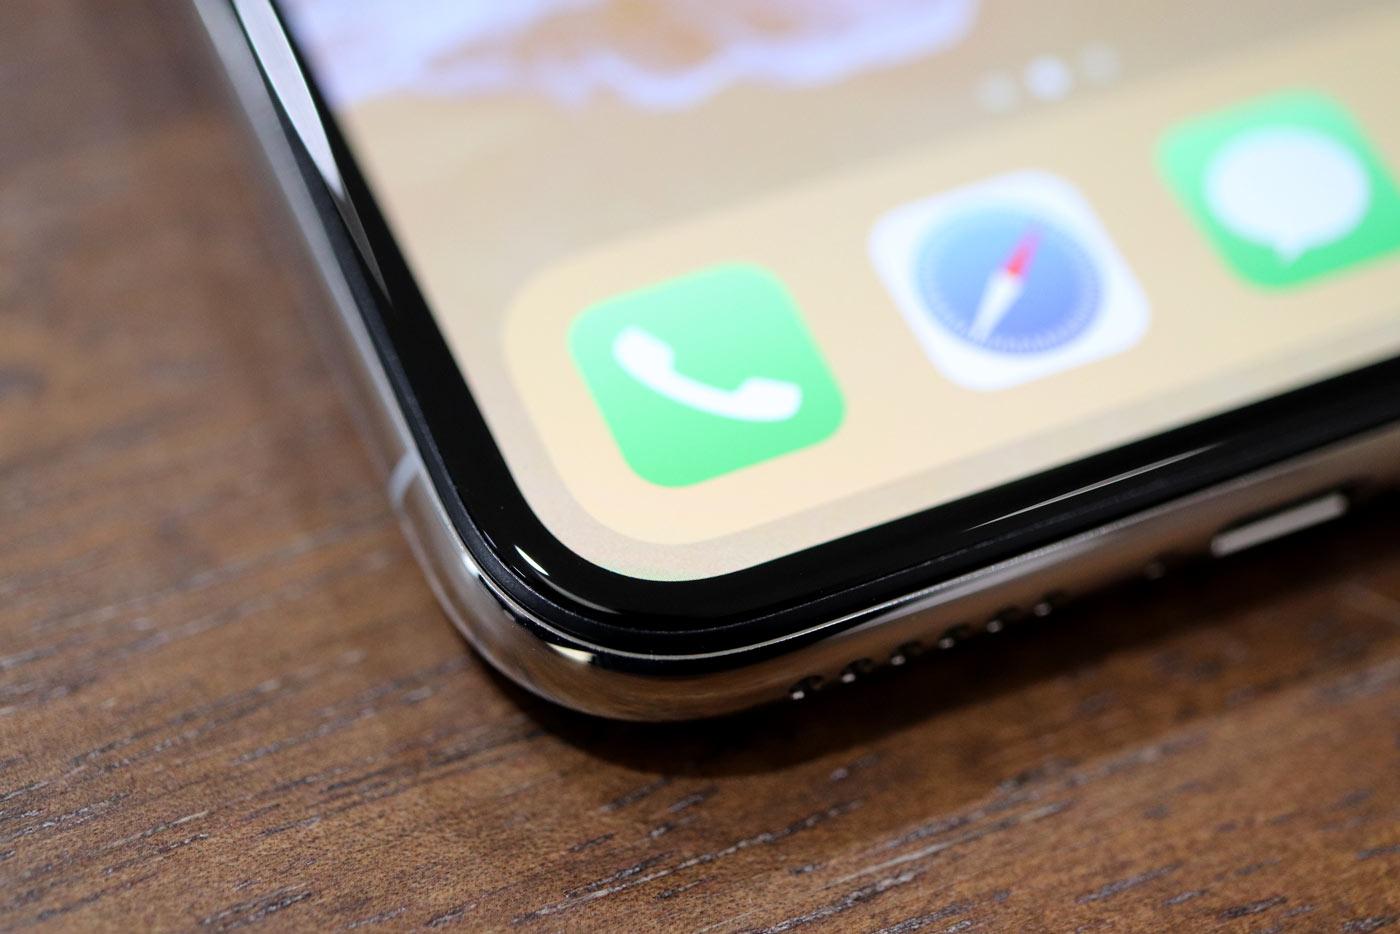 iPhone X 角丸ディスプレイ